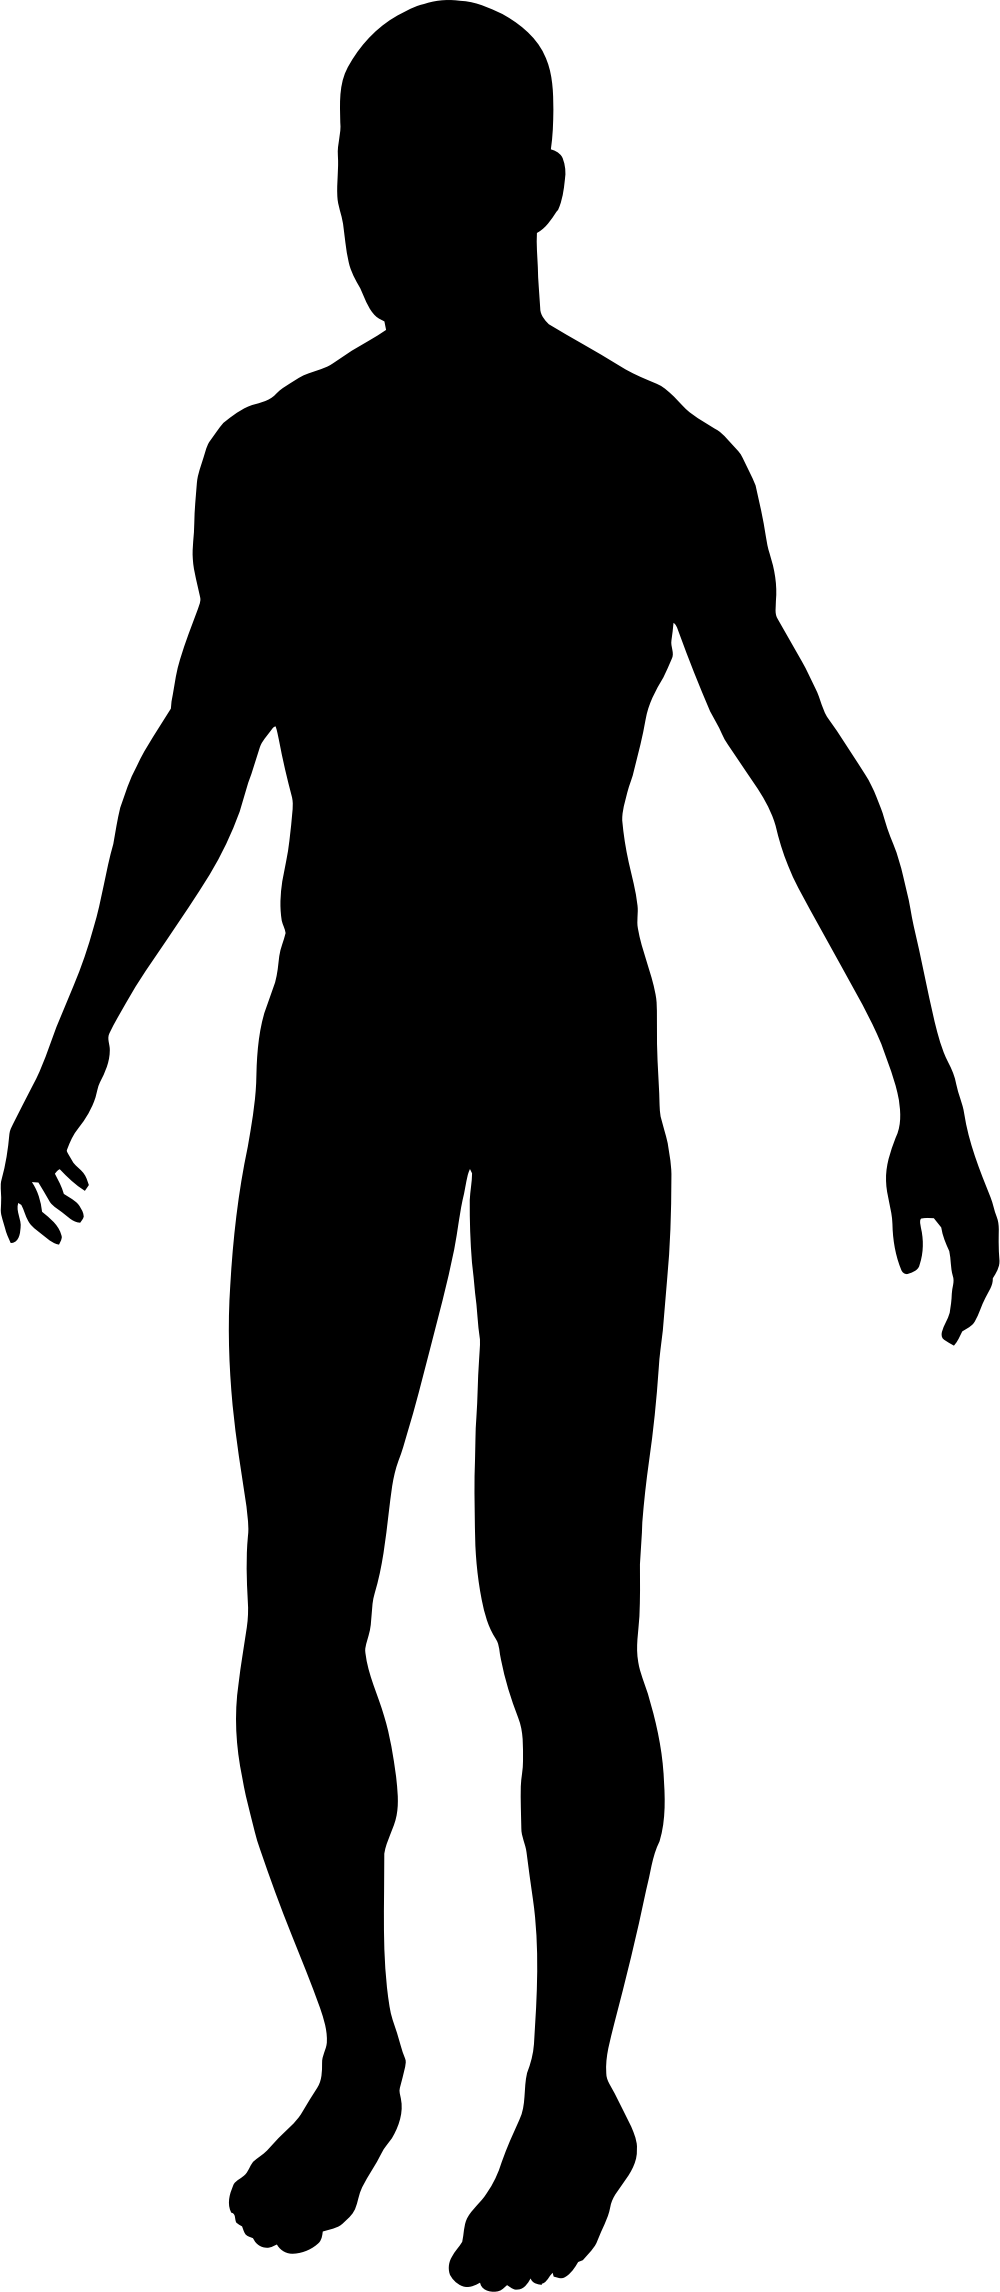 1000x2292 Male Silhouette Clip Art 101 Clip Art